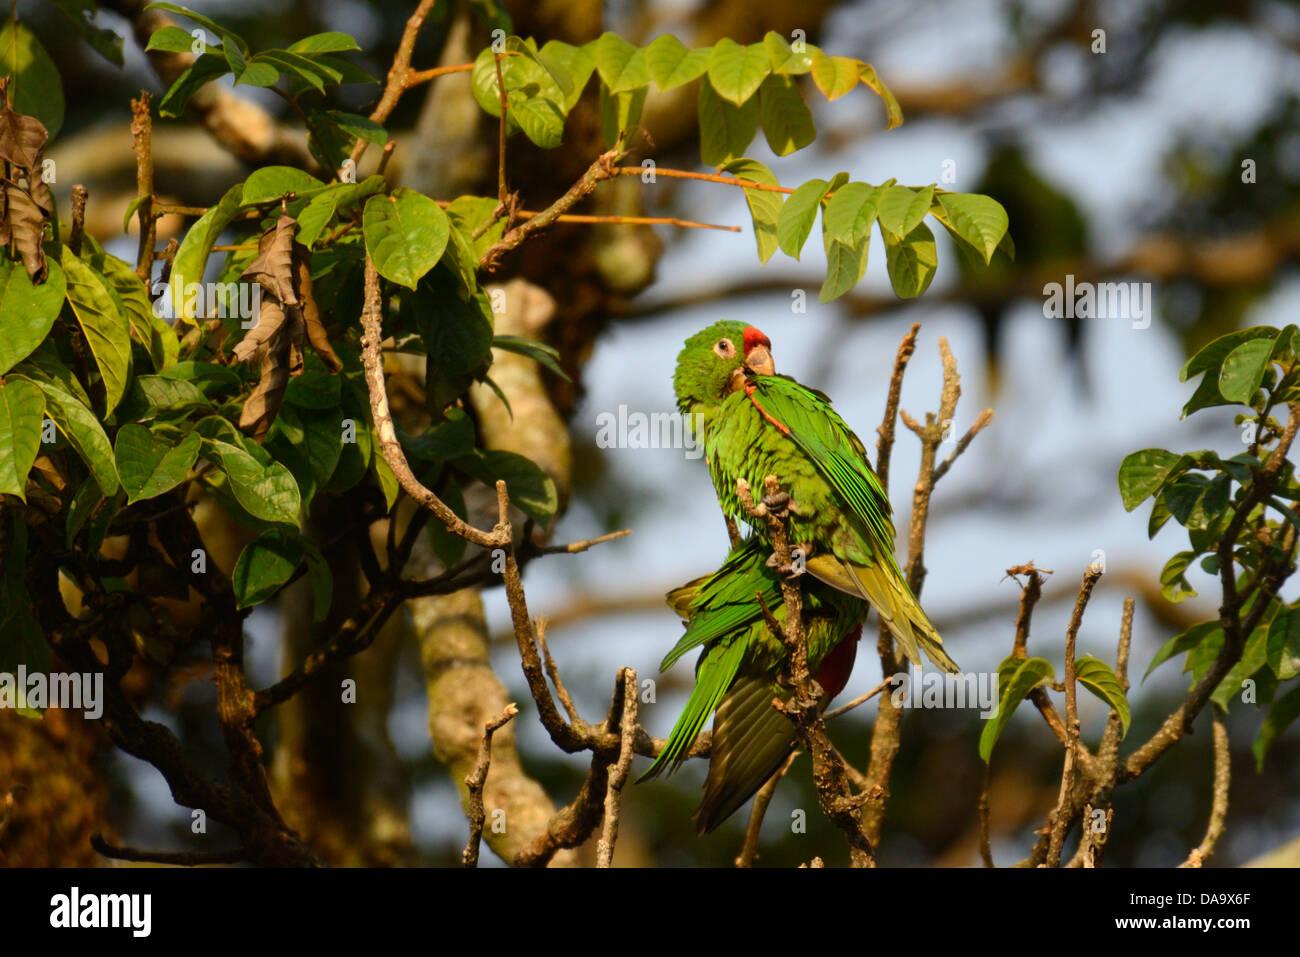 L'Amérique centrale, le Costa Rica, San Jose, Parrot, vert, oiseau, San Jose, Photo Stock